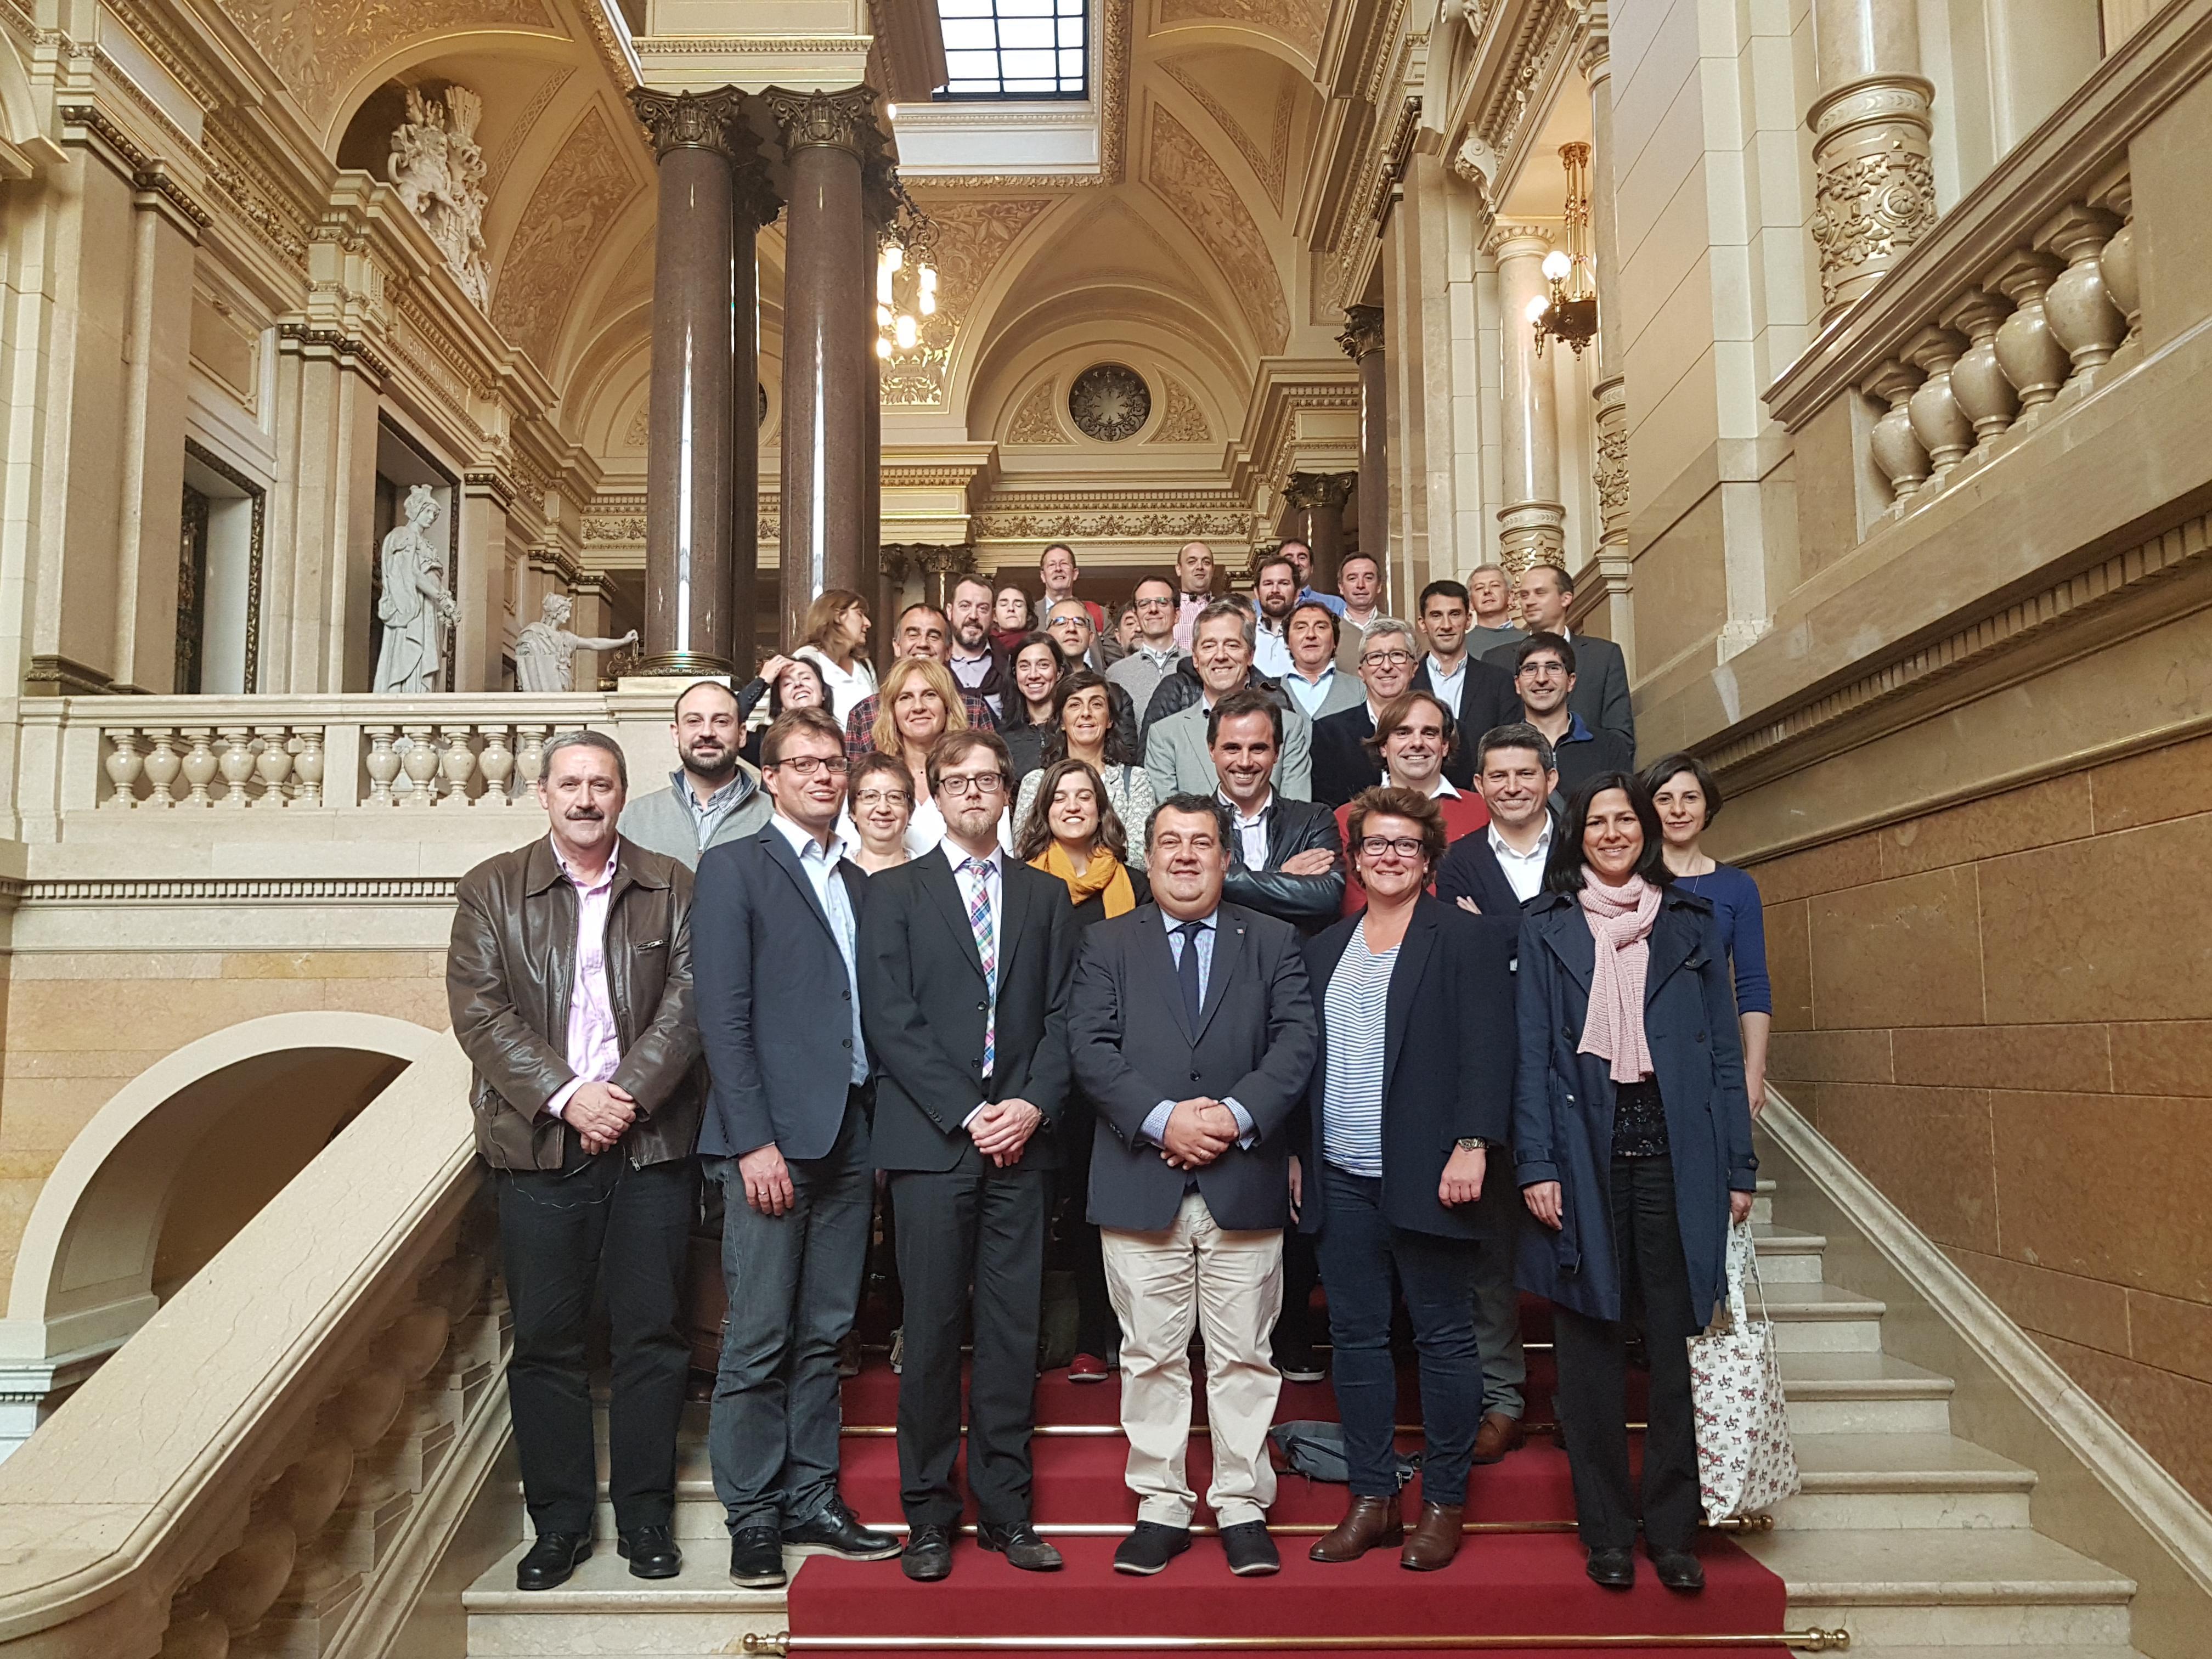 foto noticia: Kursaal participamos un año más en la Misión Empresarial Internacional organizada por Fomento San Sebastián